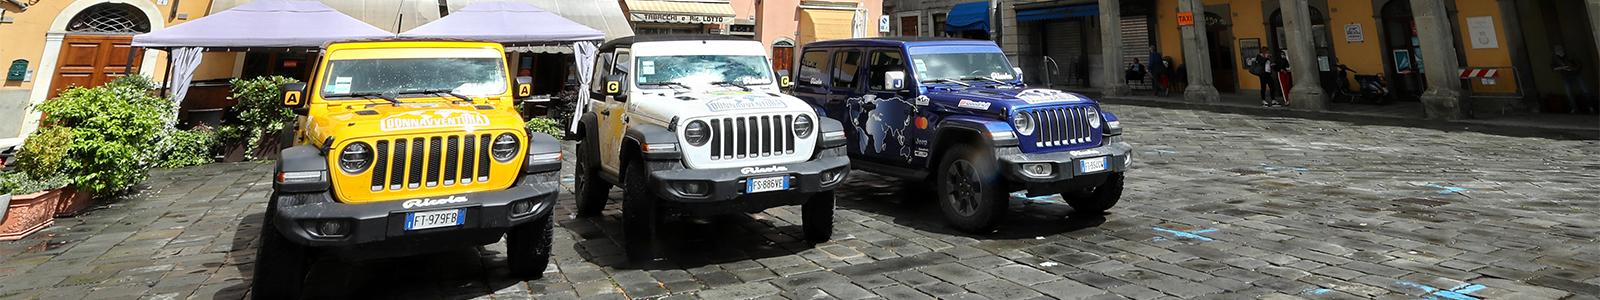 JeepInterne3Lug2020.jpg